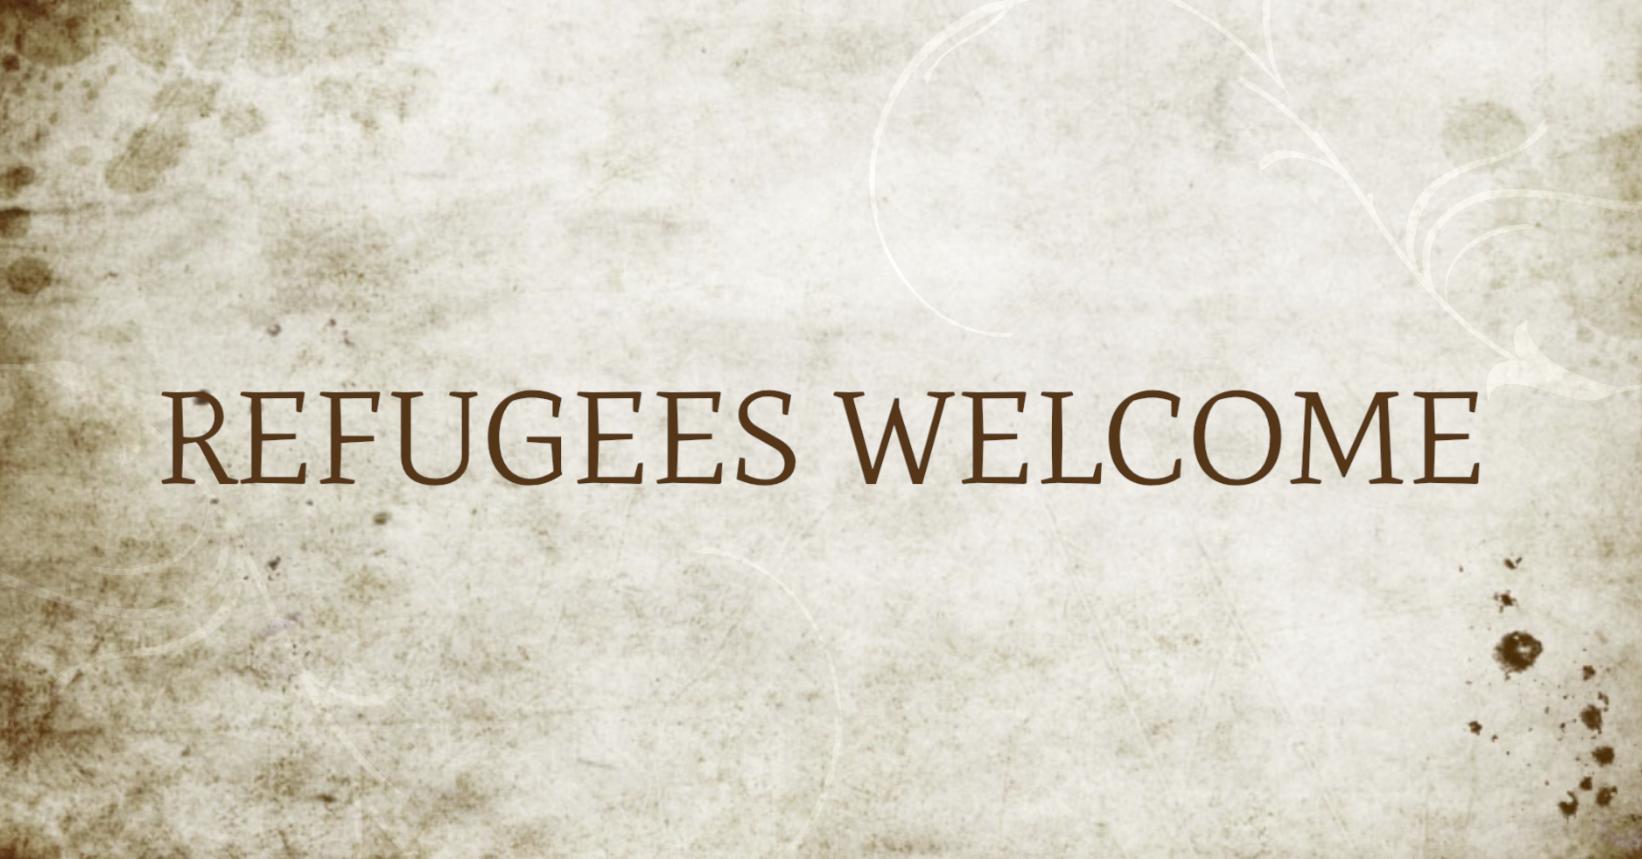 #refugeeswelcome #bloggerfuerfluechtlinge